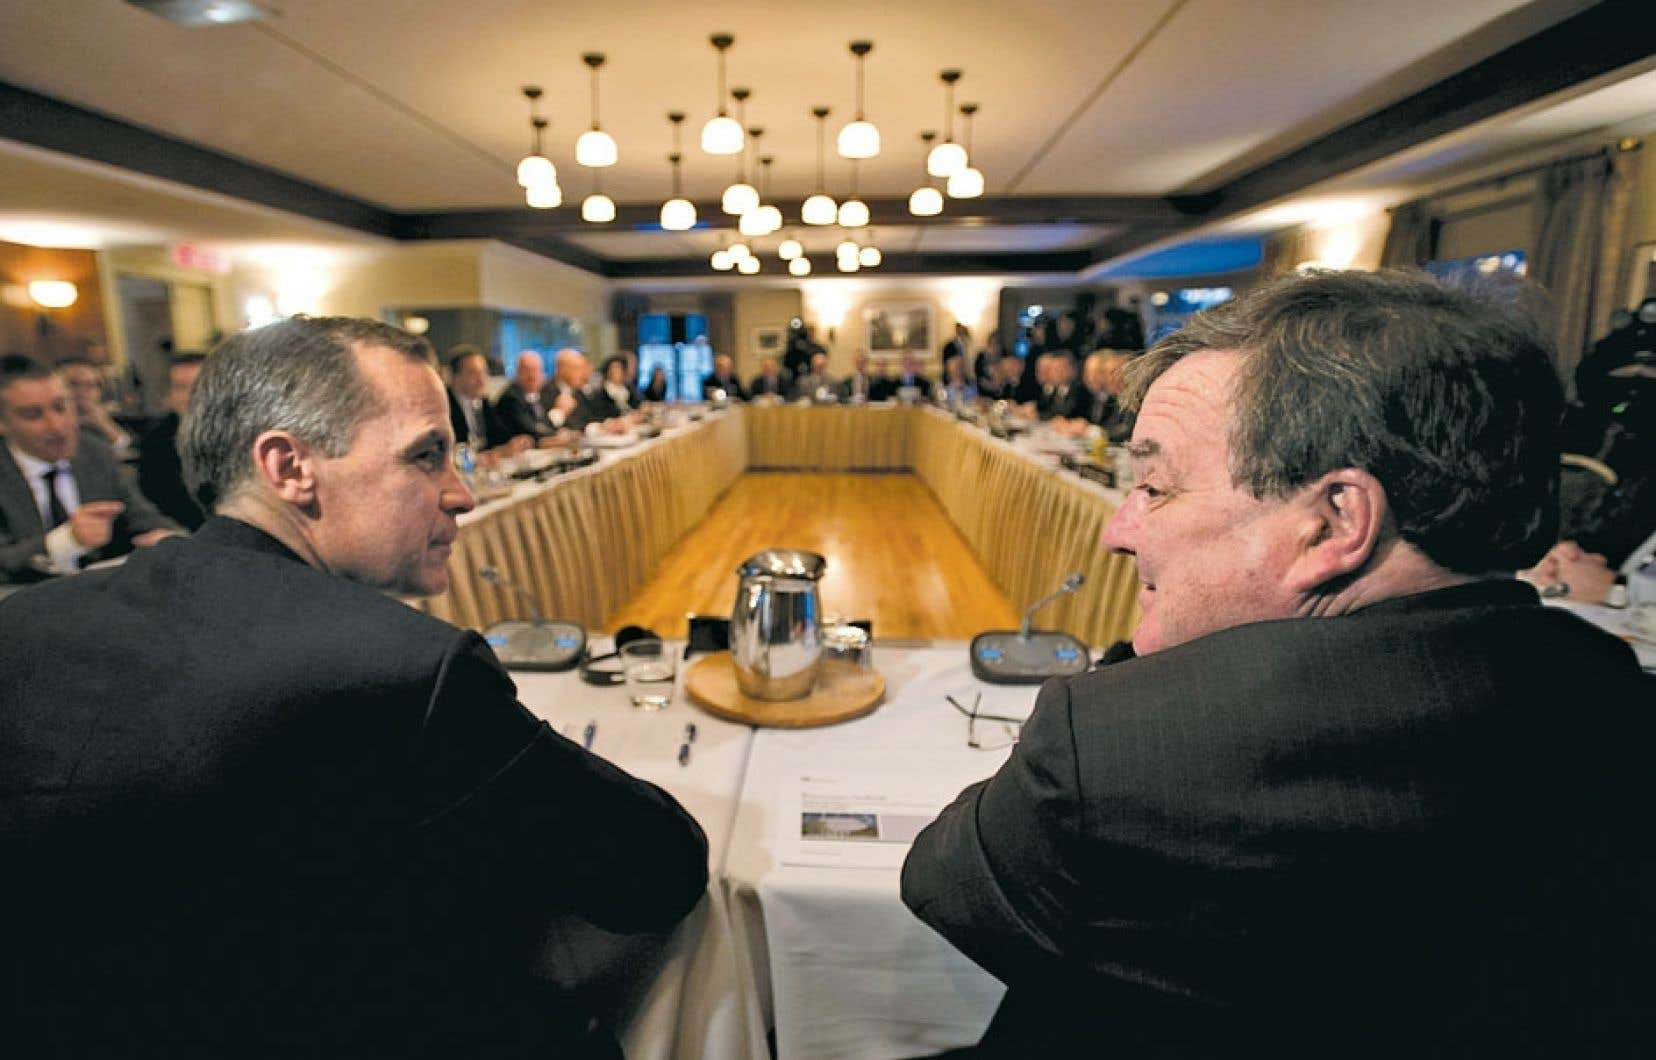 Le ministre canadien des Finances, Jim Flaherty (à droite), discute avec le gouverneur de la Banque du Canada, Mark Carney, avant que ne débute la réunion des ministres des Finances.